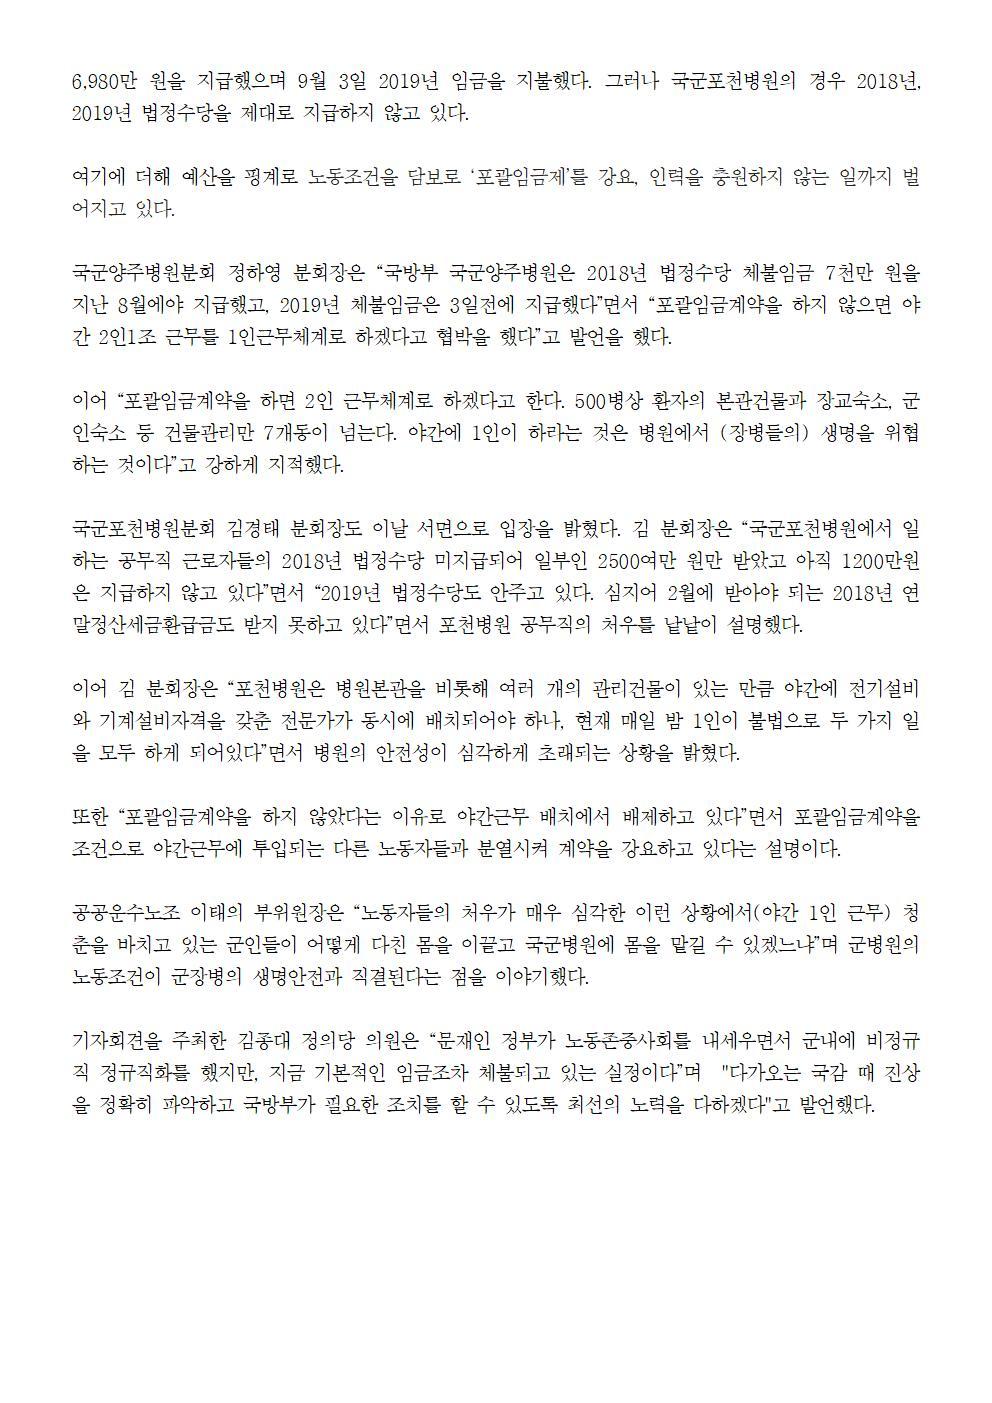 20190930_[보도자료]국군병원기자회견002.jpg